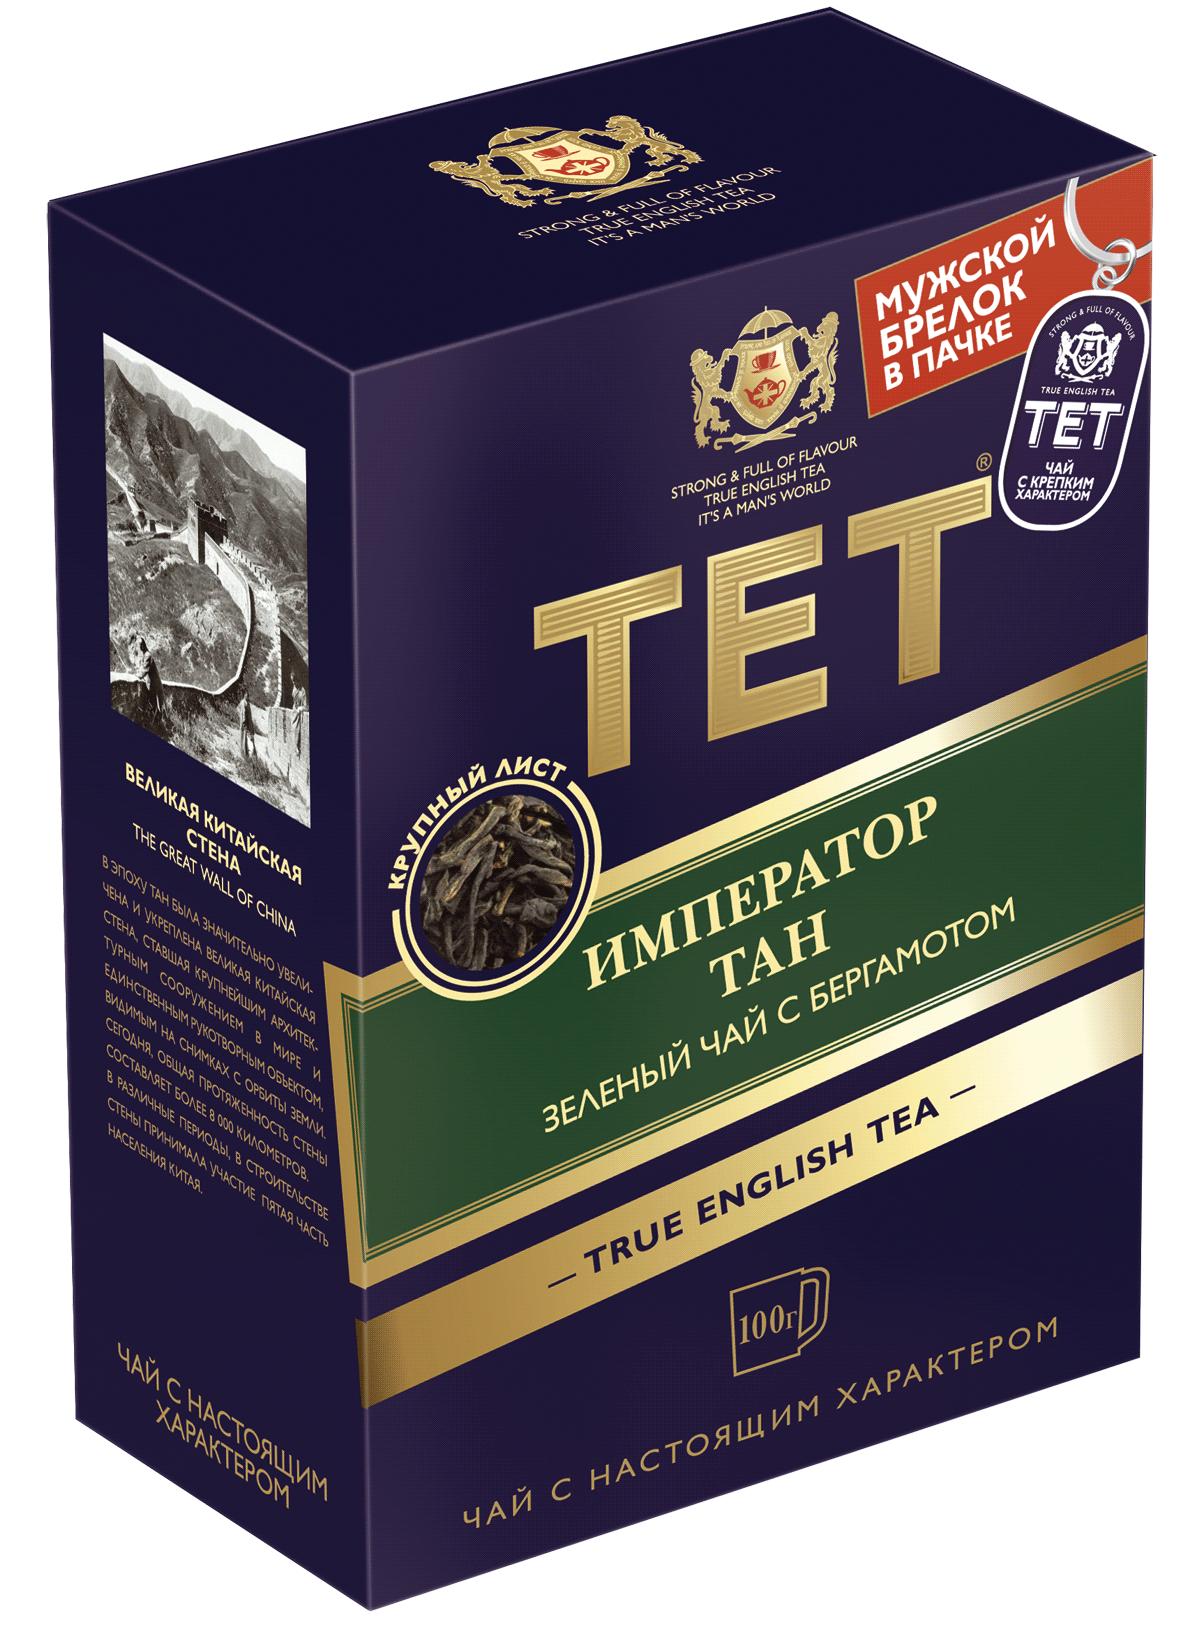 чай матэ для похудения отзывы